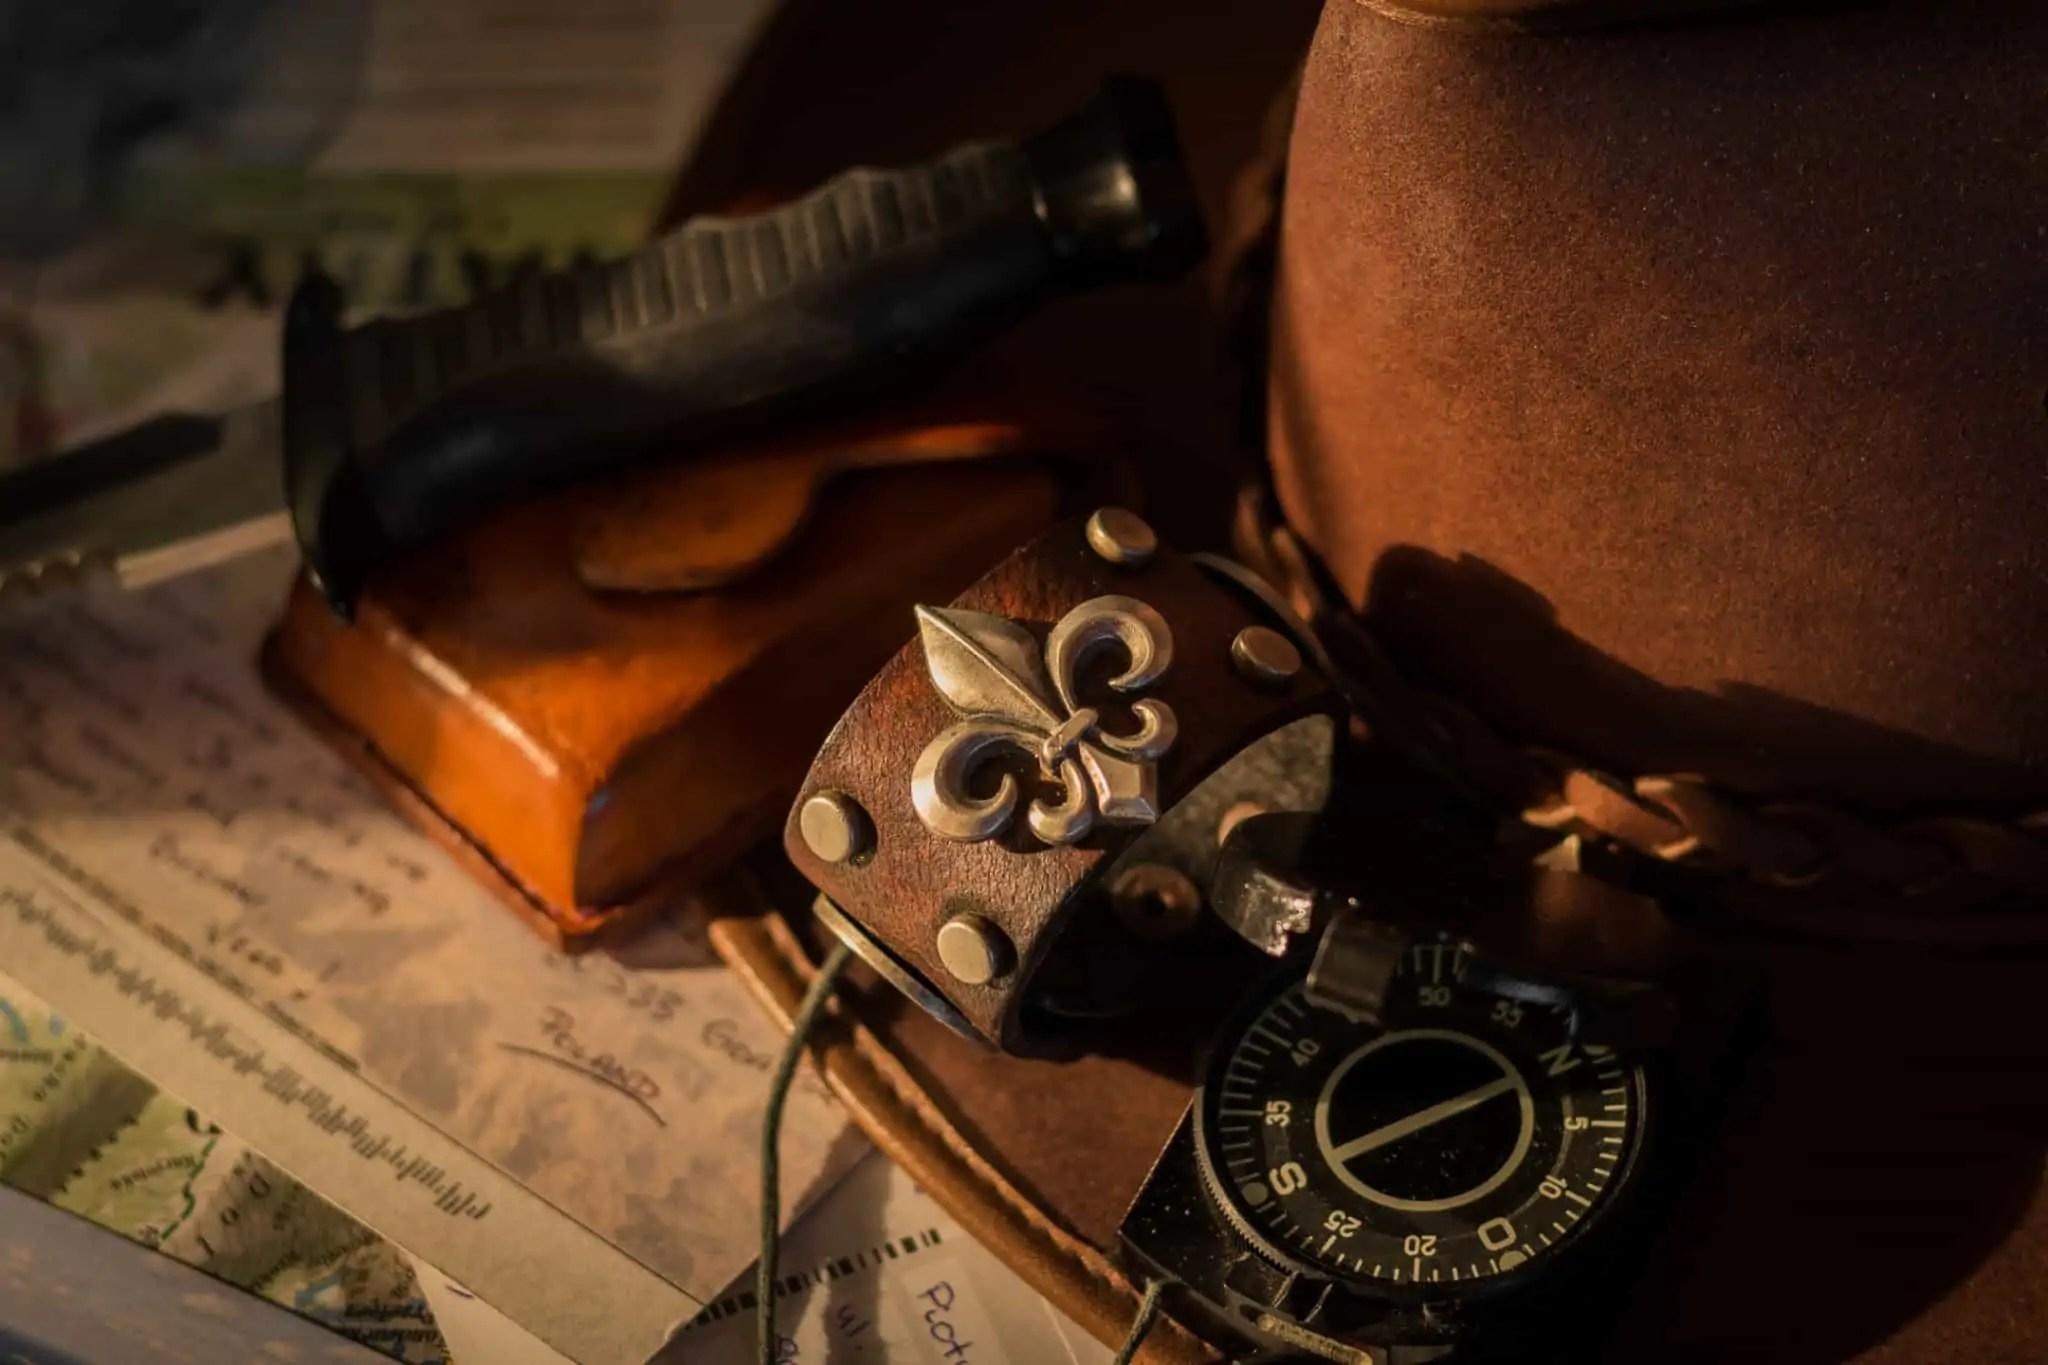 Wyzwanie fotograficzne 7 dni dzień siódmy fotografia produktowa bransoletka lilijka 3 - Fotografia produktowa Gdańsk